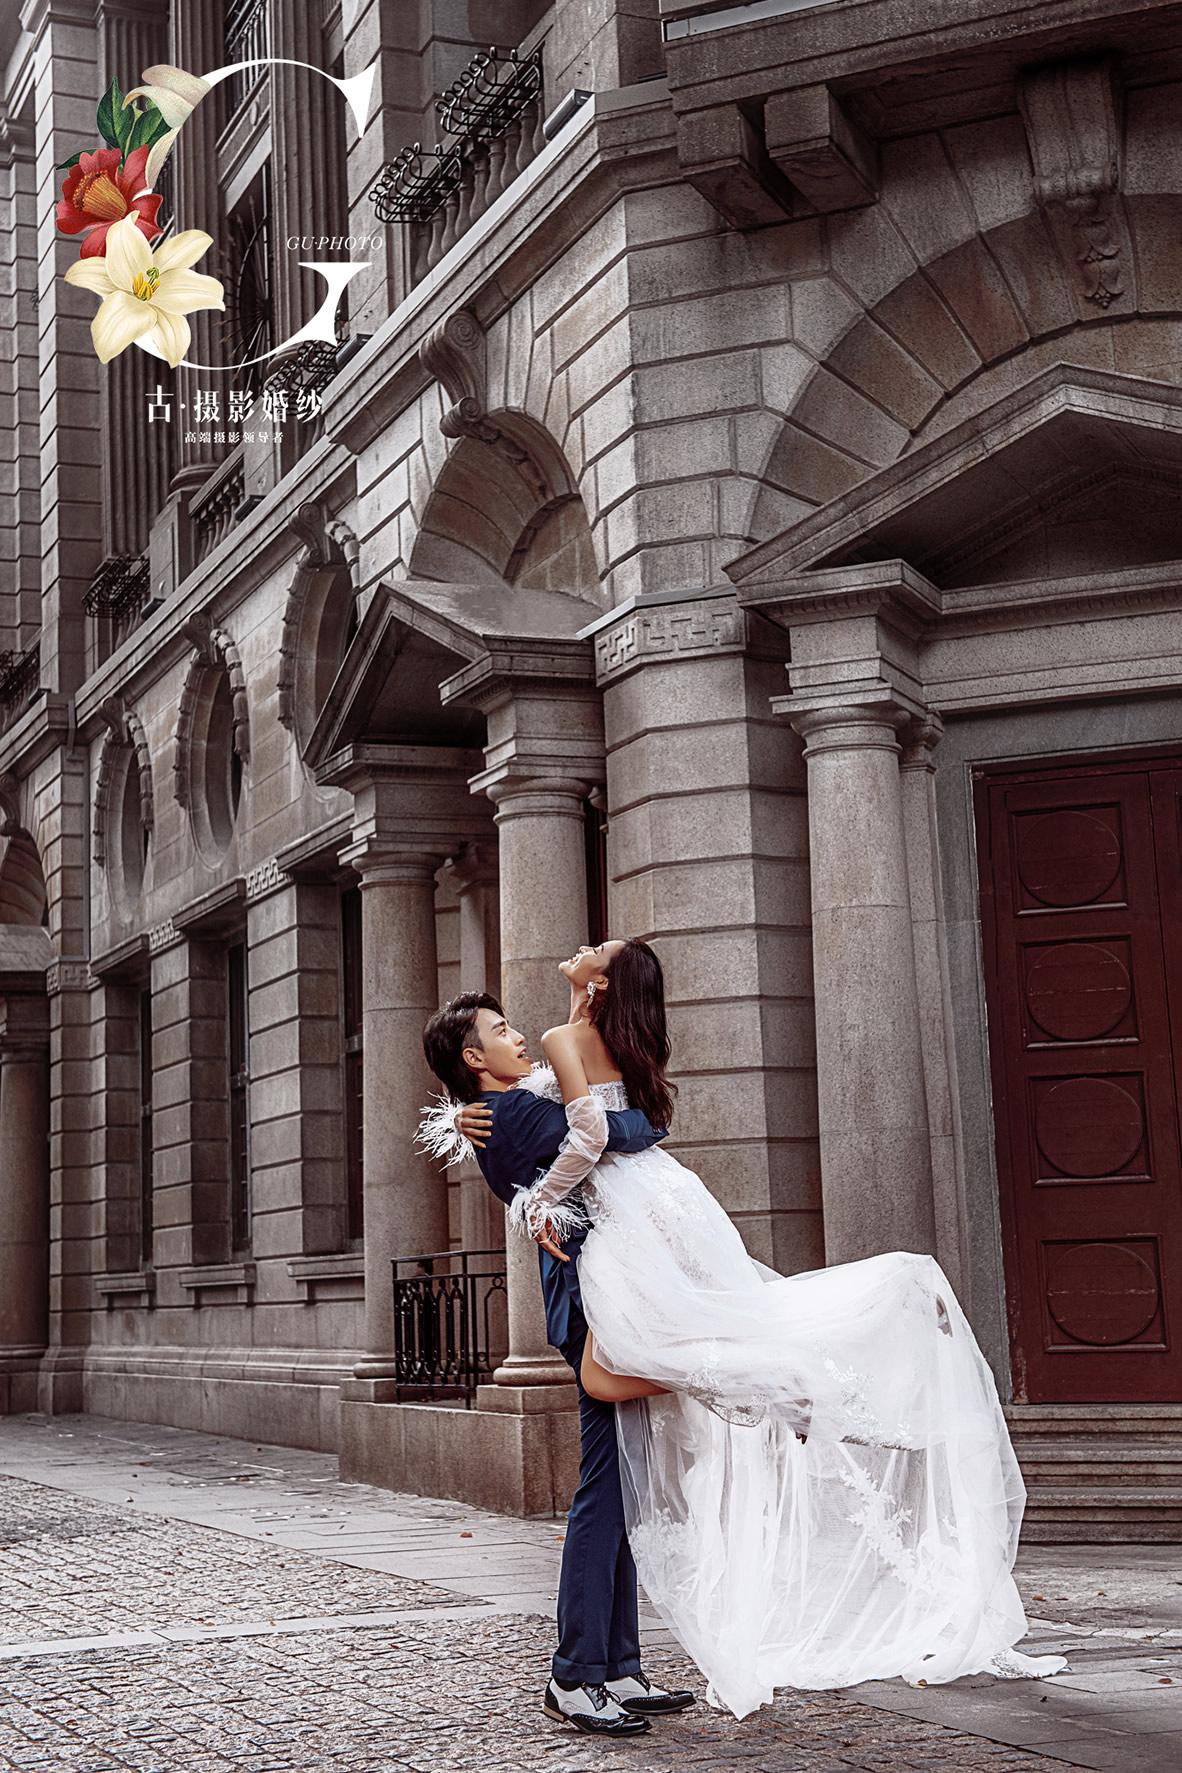 城市街拍《沙面》 - 拍摄地 - 广州婚纱摄影-广州古摄影官网